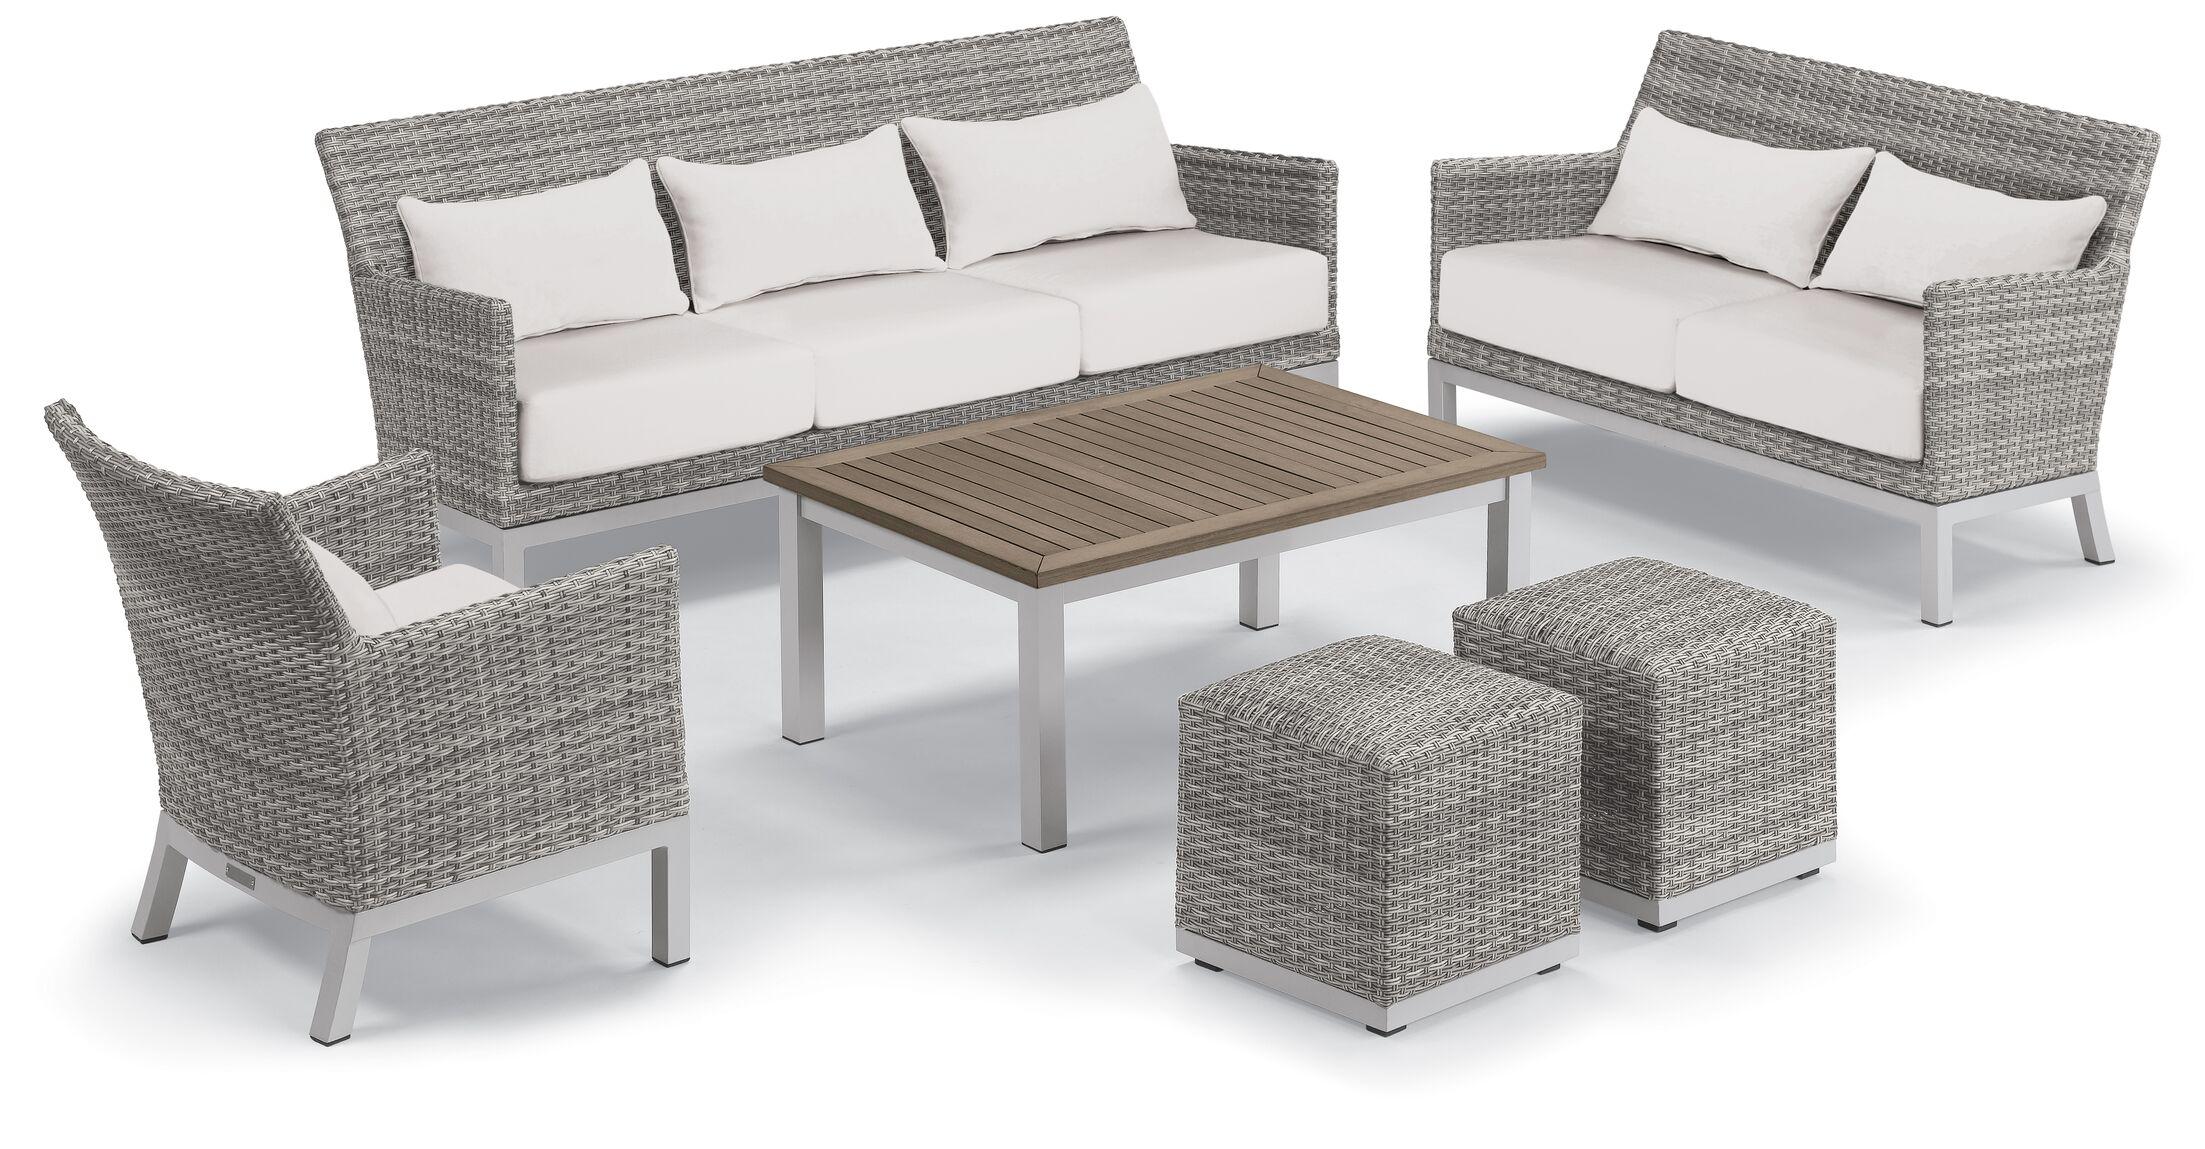 Lovejoy 6 Piece Rattan Conversation Set with Cushions Cushion Color: Stone, Table Top Color: Lite-Core Ash